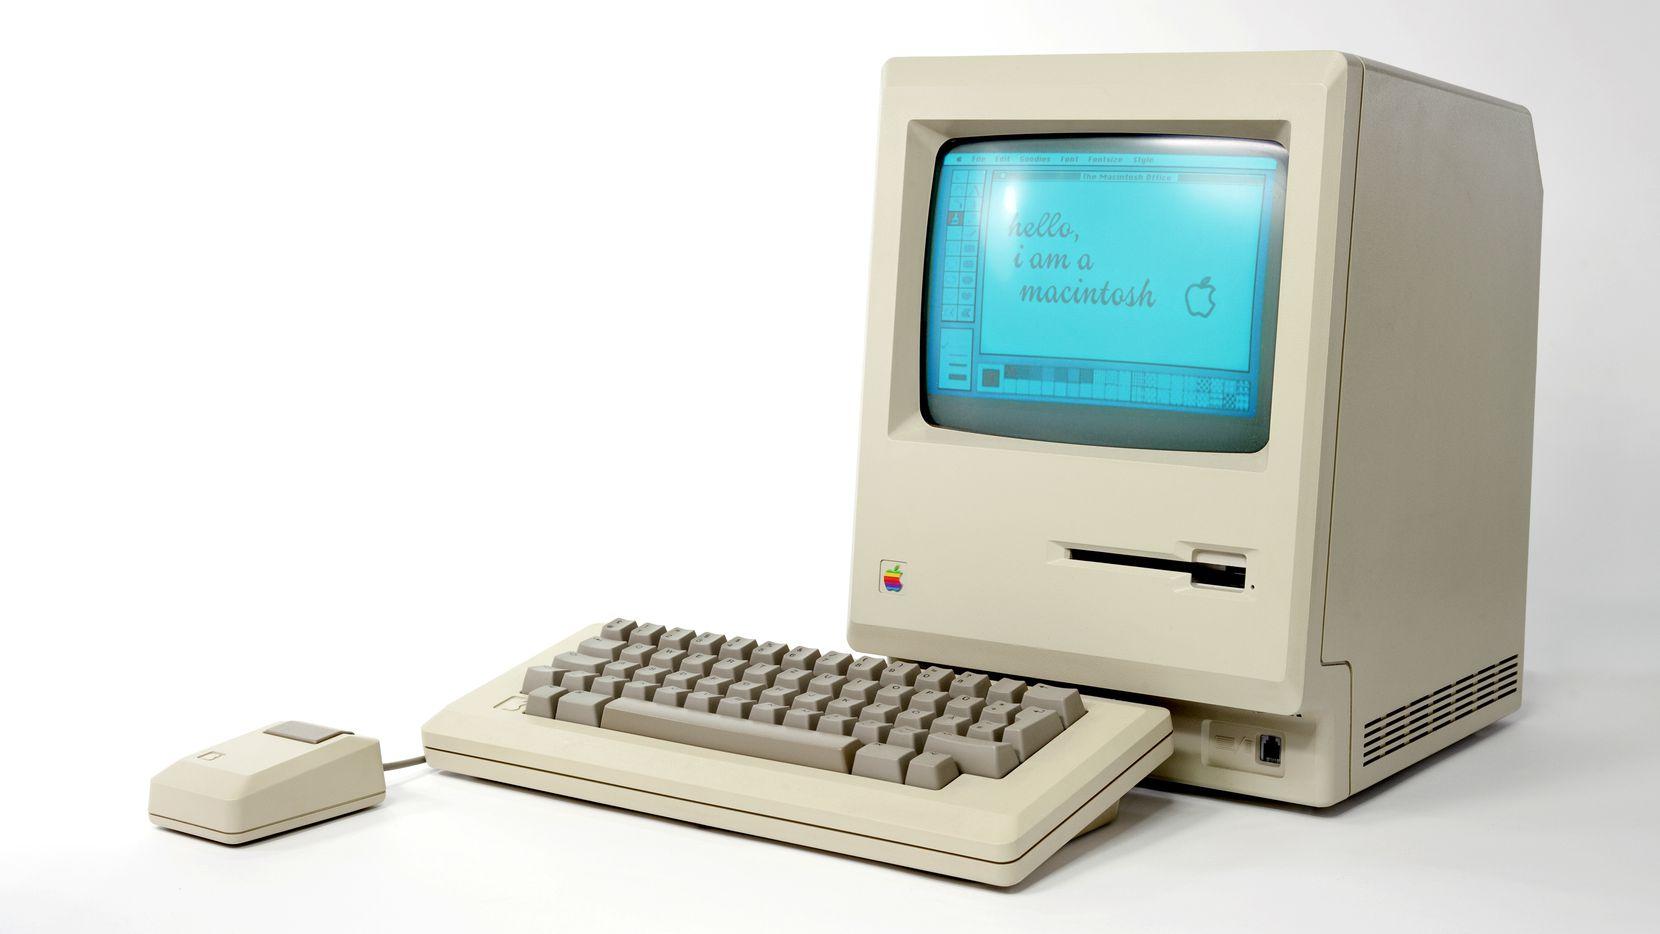 macintosh del 1984 con mouse